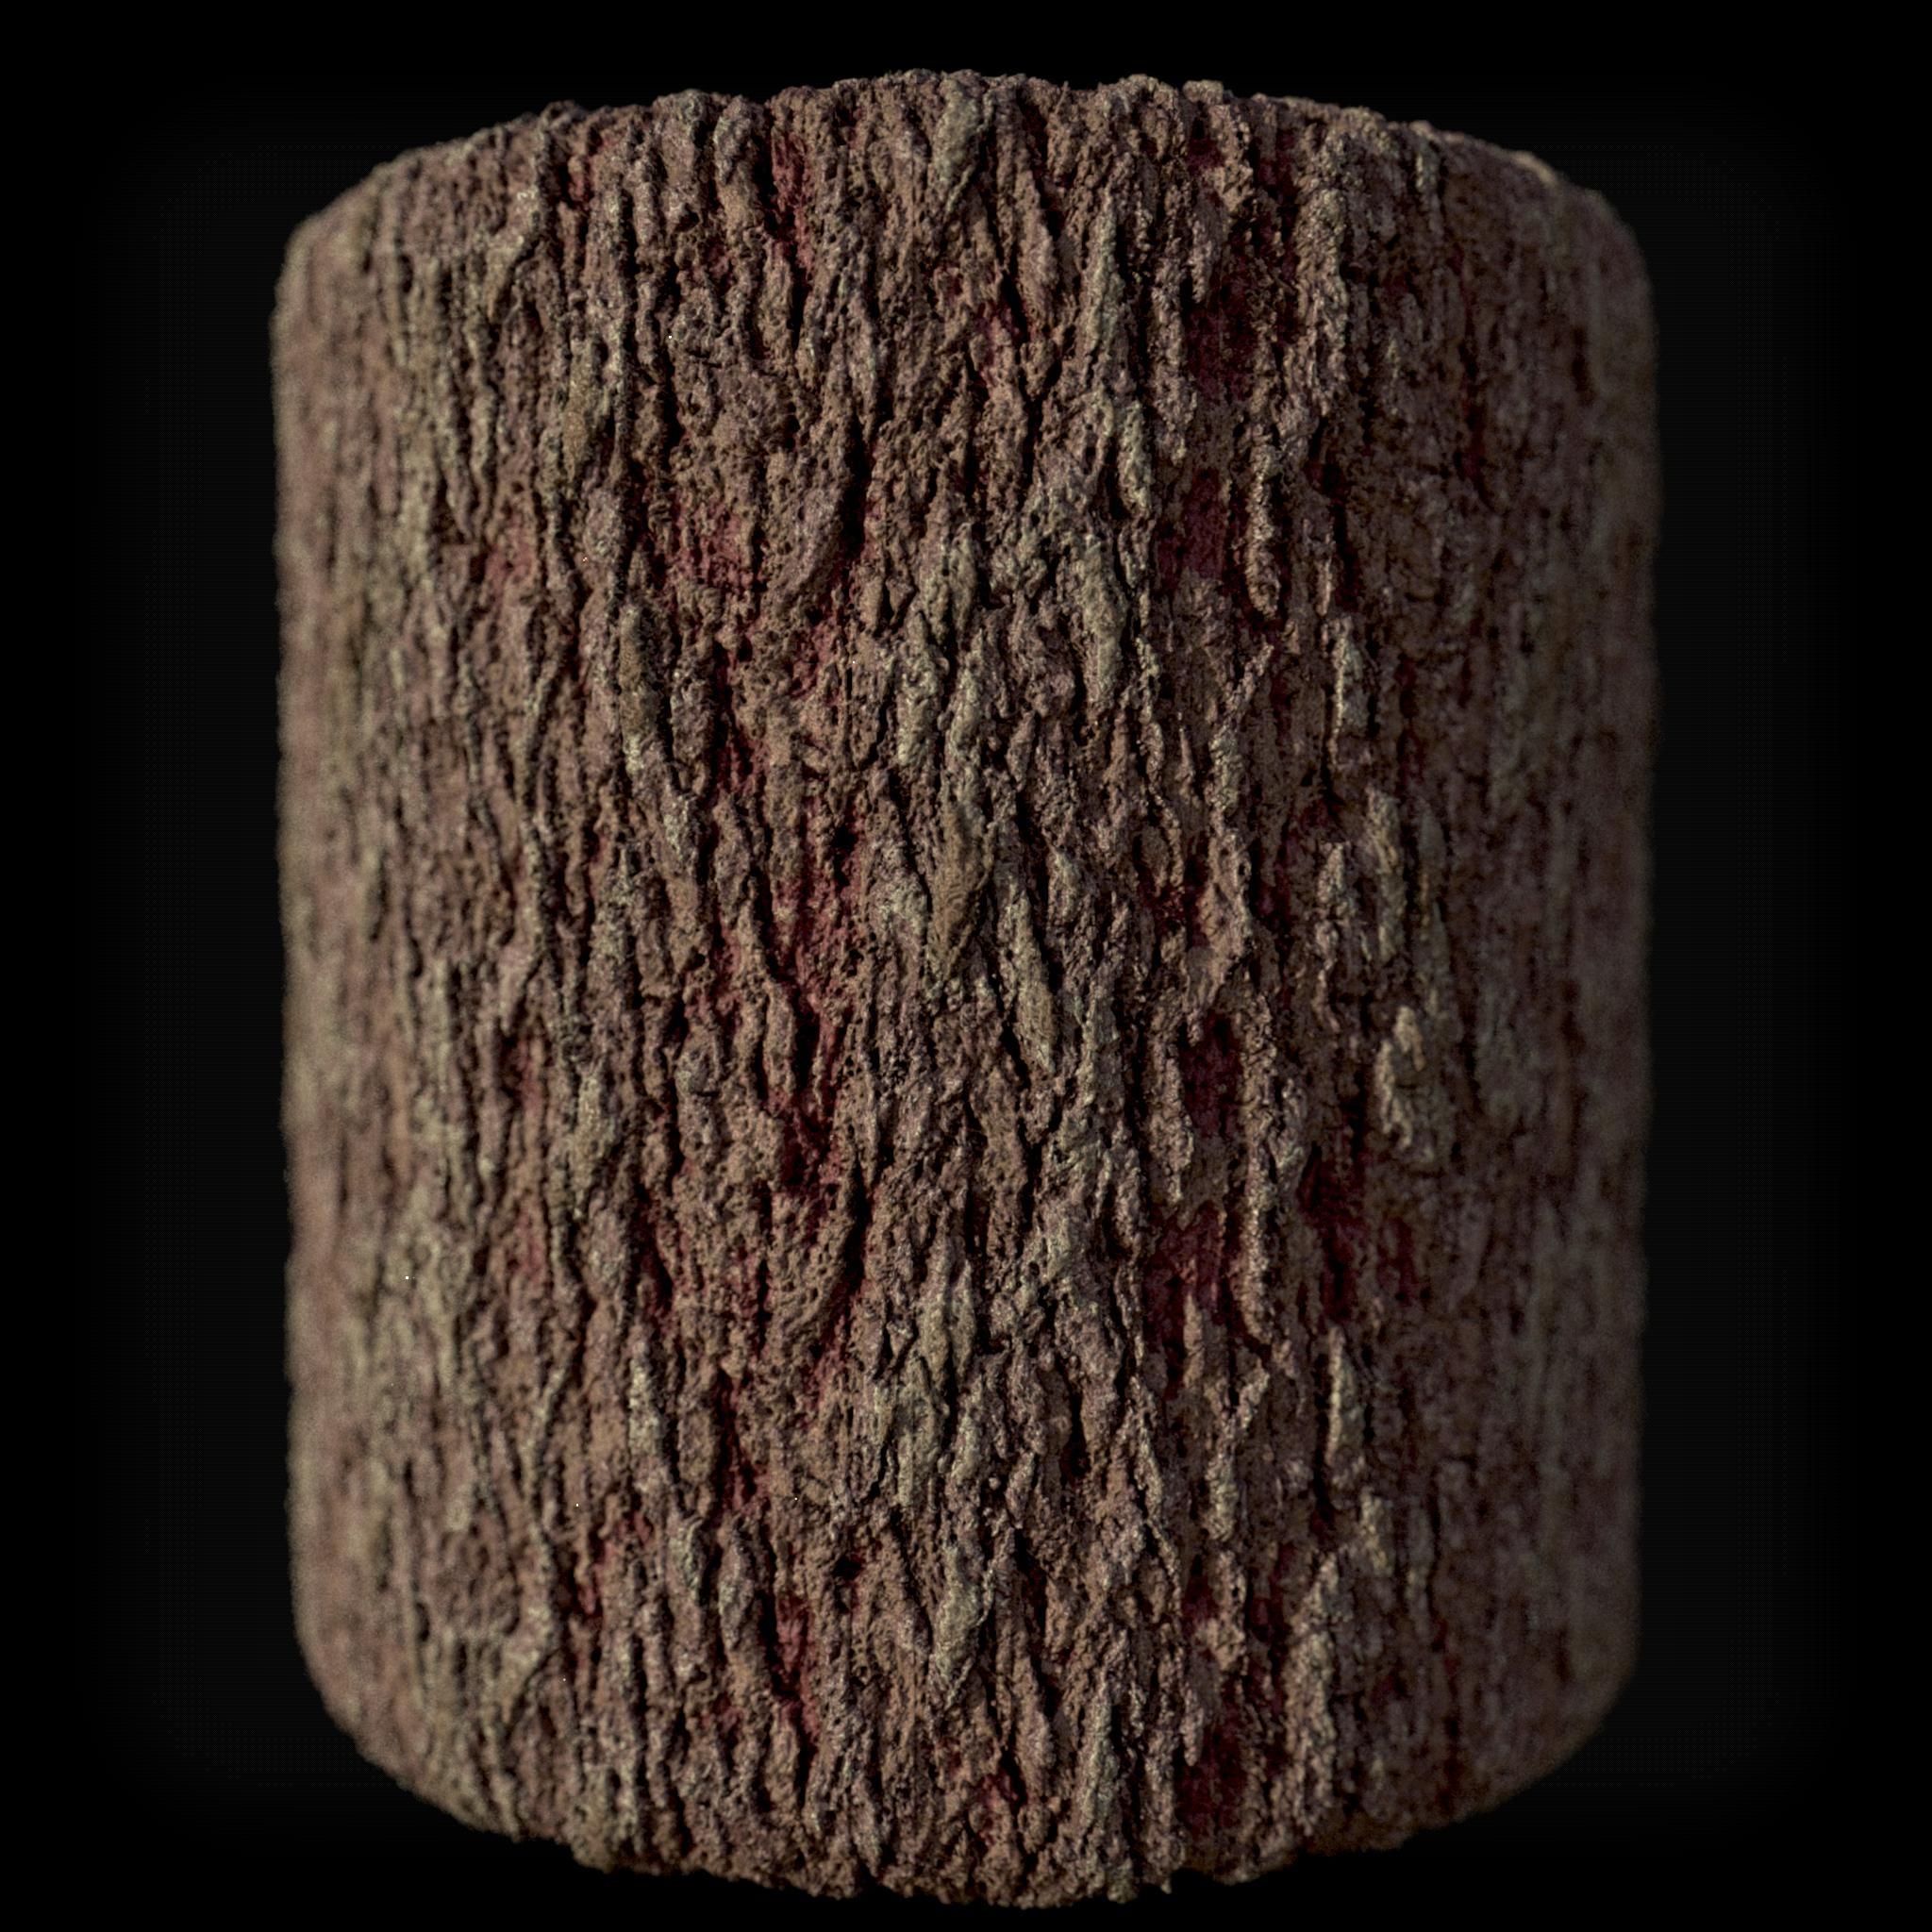 Bark Material, based on Zbrush Sculpt.